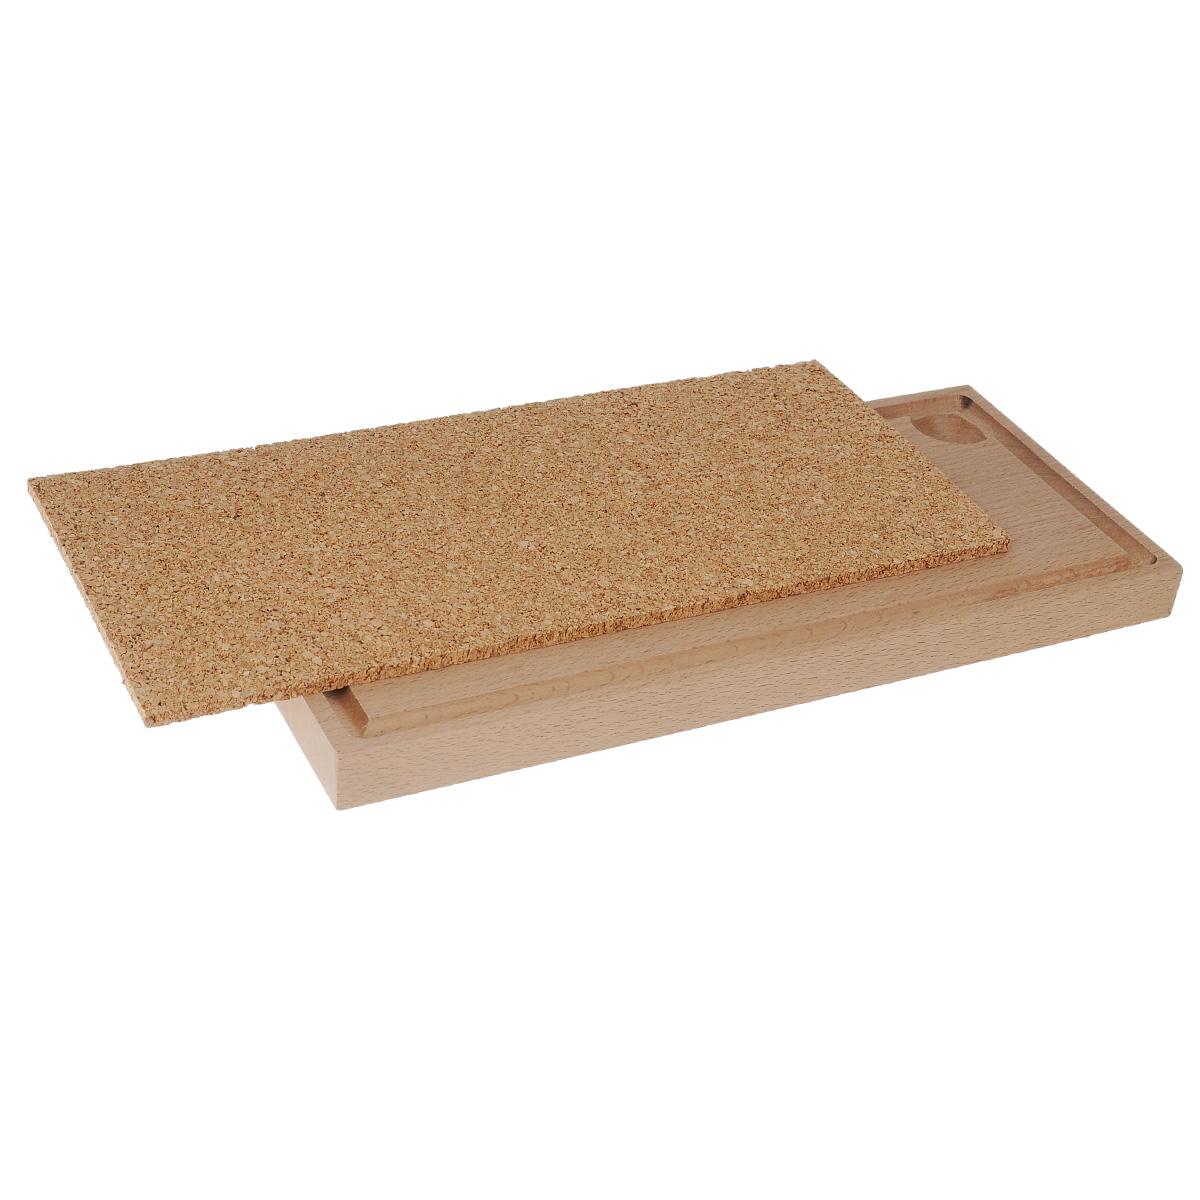 Доска для копчения, 34 см х 15 см х 2,2 смAS 25Доска предназначена для копчения. На ней удобно готовить рыбу, мясо, птицу. Выполнена из бука с подставкой из пробкового дерева. Нет необходимости перекладывать в блюдо, можно подавать сразу на доске. Пробковая доска используется как подставка под горячее.Способ применения: перед первым использованием смазать доску оливковым маслом. Поместить доску в печь с температурой 100°С на два часа. Удалить с доски избыток масла. Бук, пробковое дерево